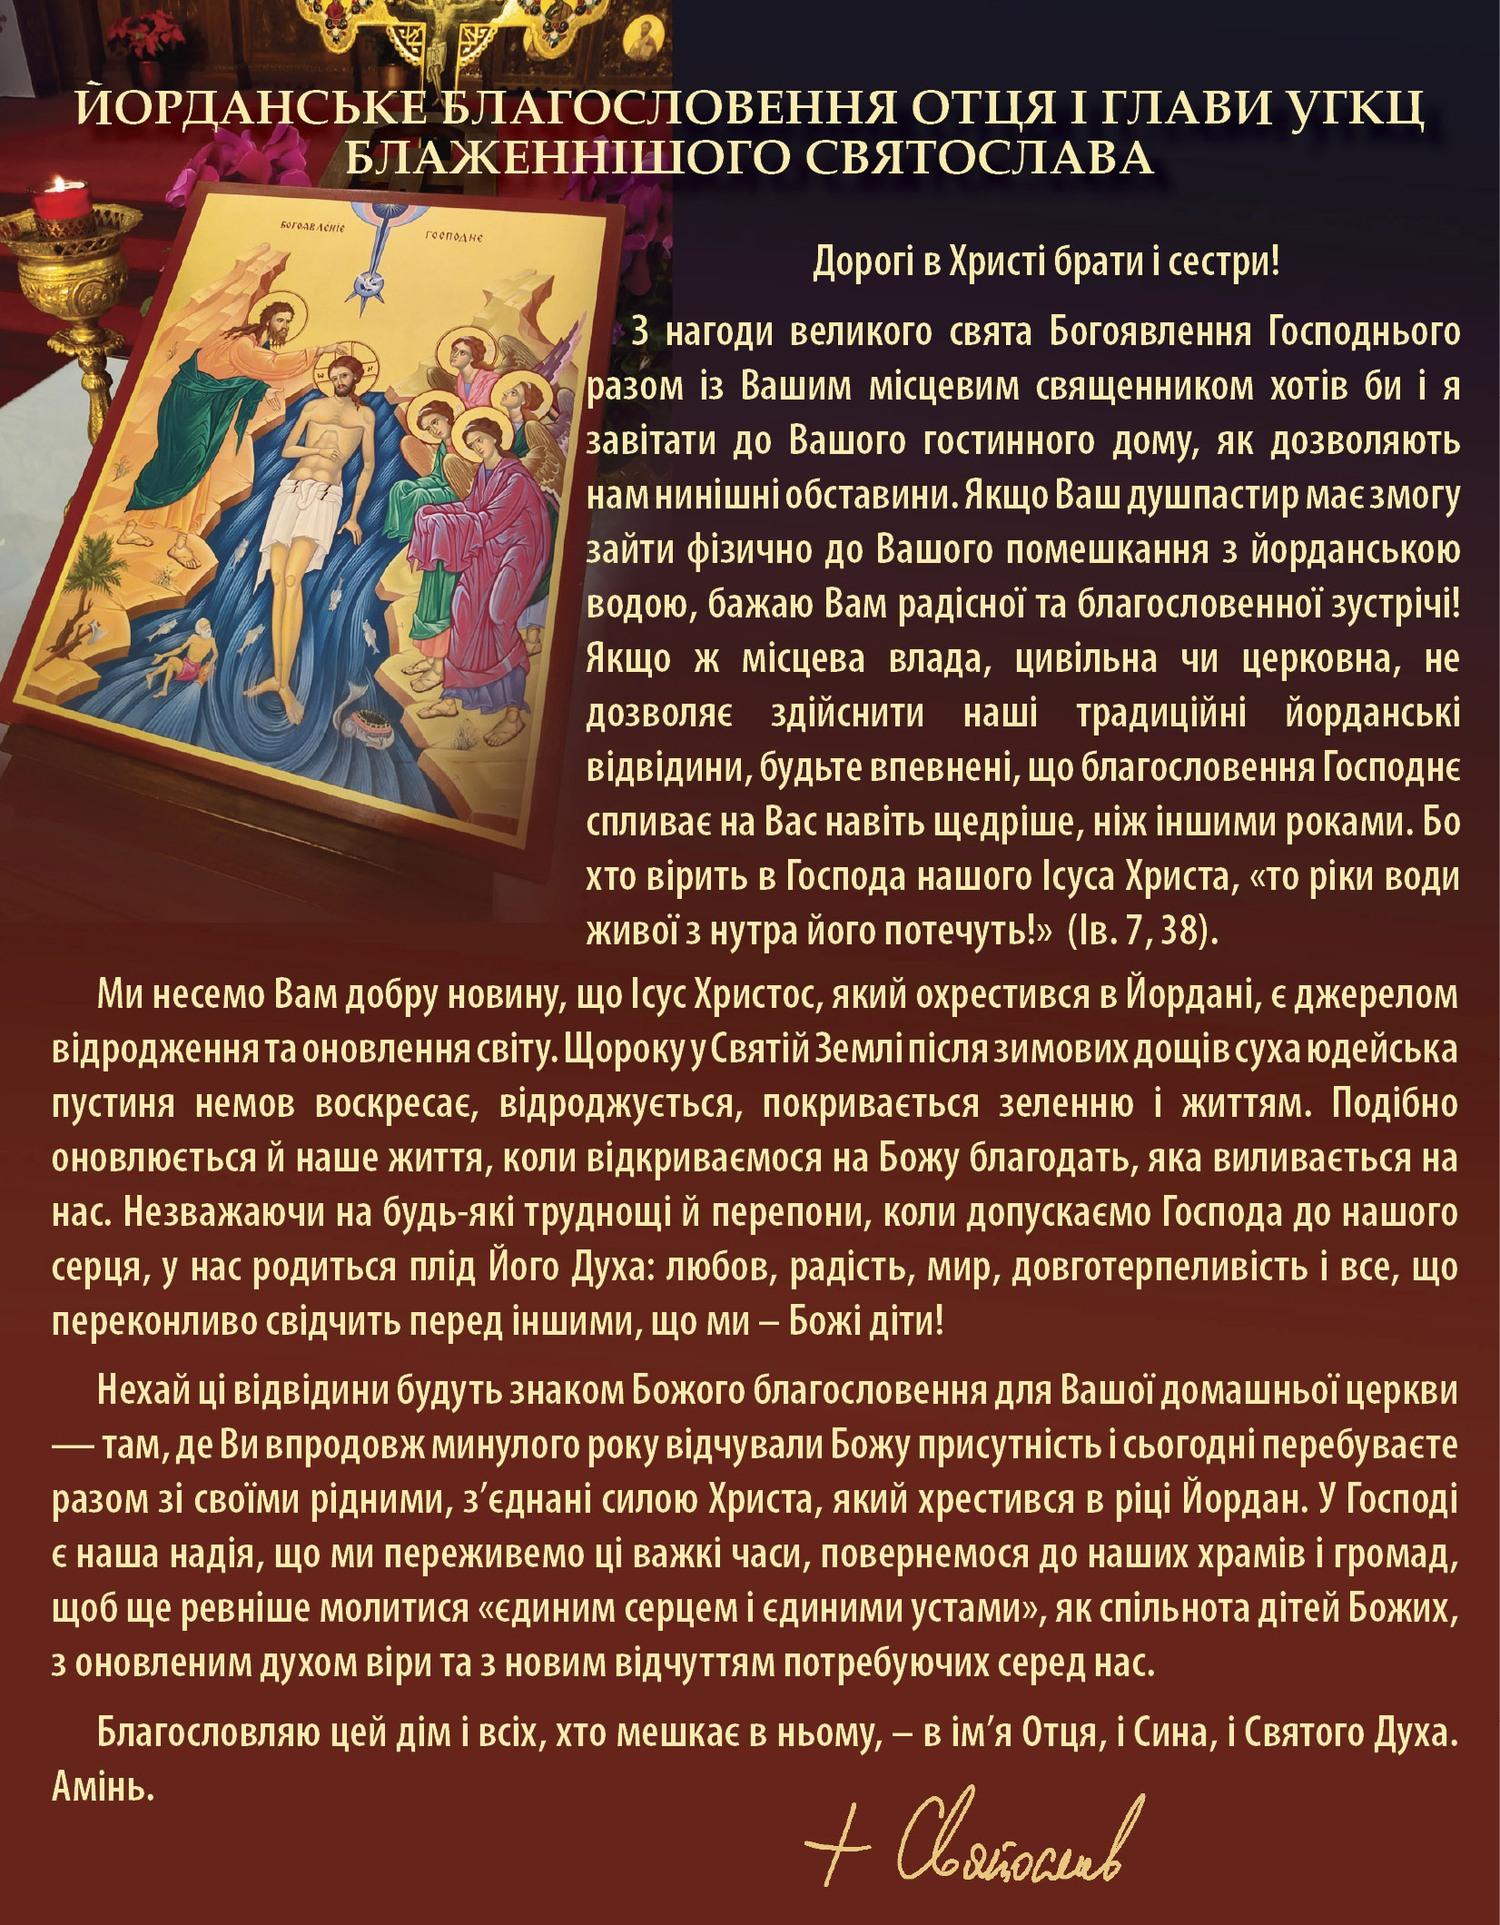 Йорданське Благословення Блаженнішого Святослава